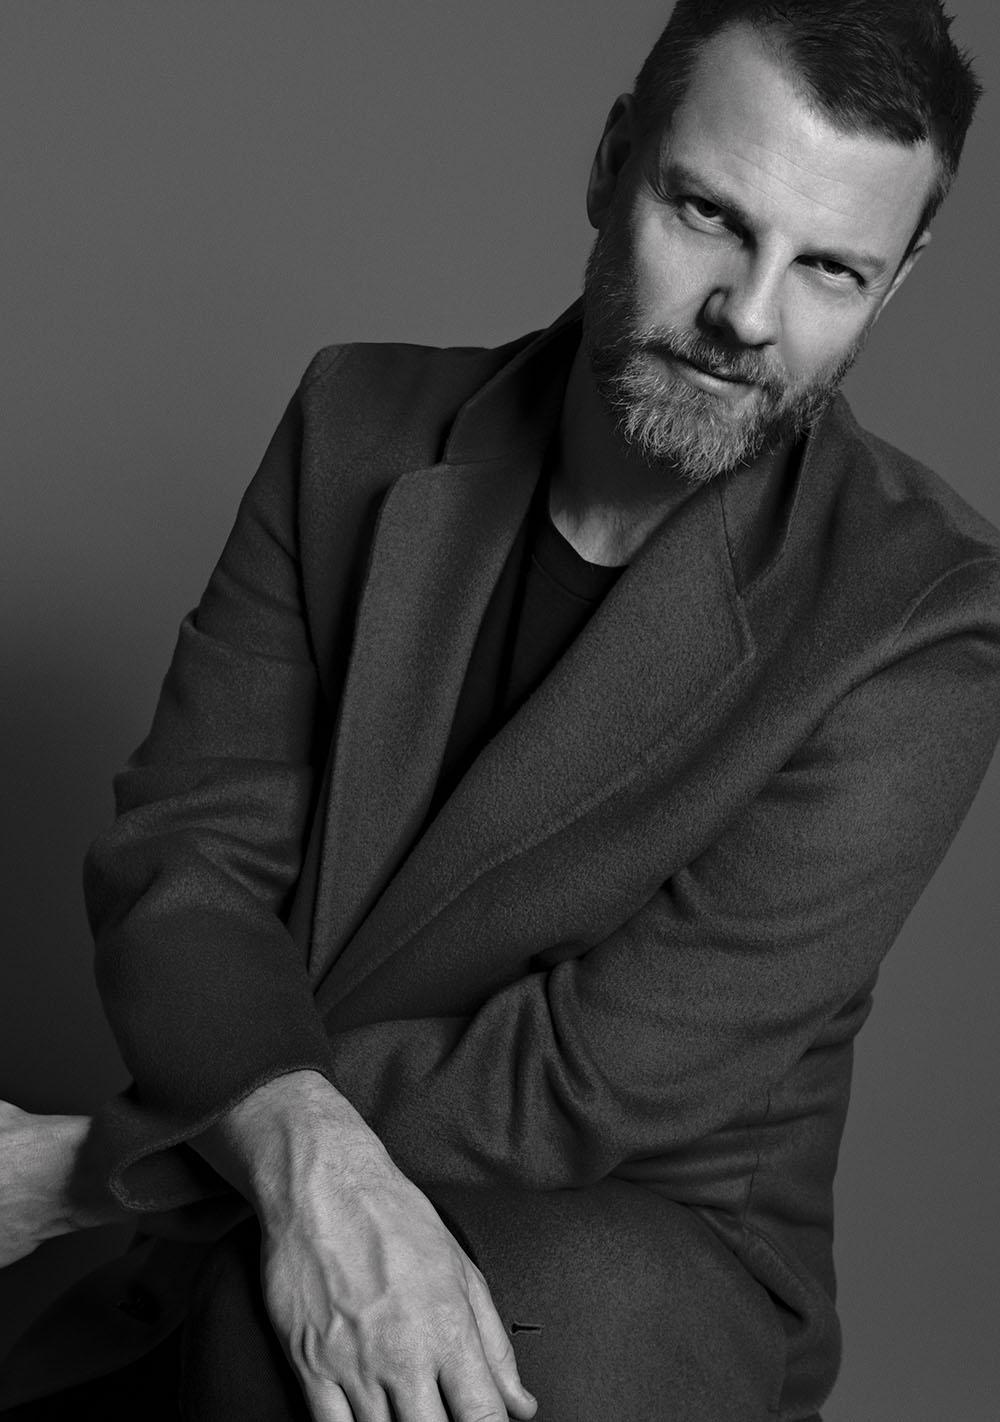 Jonny Johansson (ジョニー・ヨハンソン) | © Acne Studios